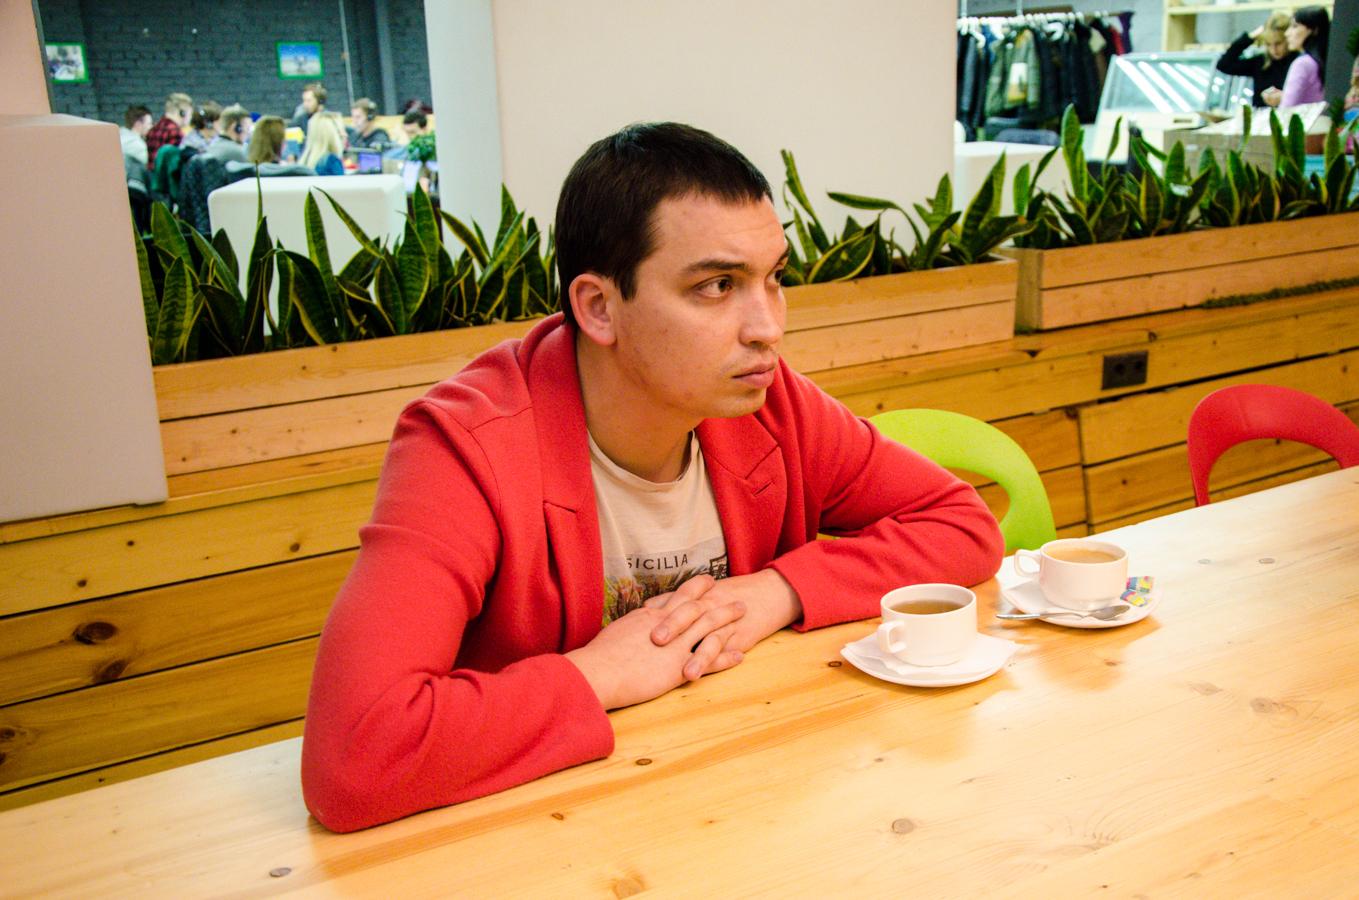 Photo of Петр Осипов: «Мы не умеем удерживать средний уровень – либо все, либо ничего» Петр Осипов Петр Осипов: «Мы не умеем удерживать средний уровень – либо все, либо ничего» DSC 0543